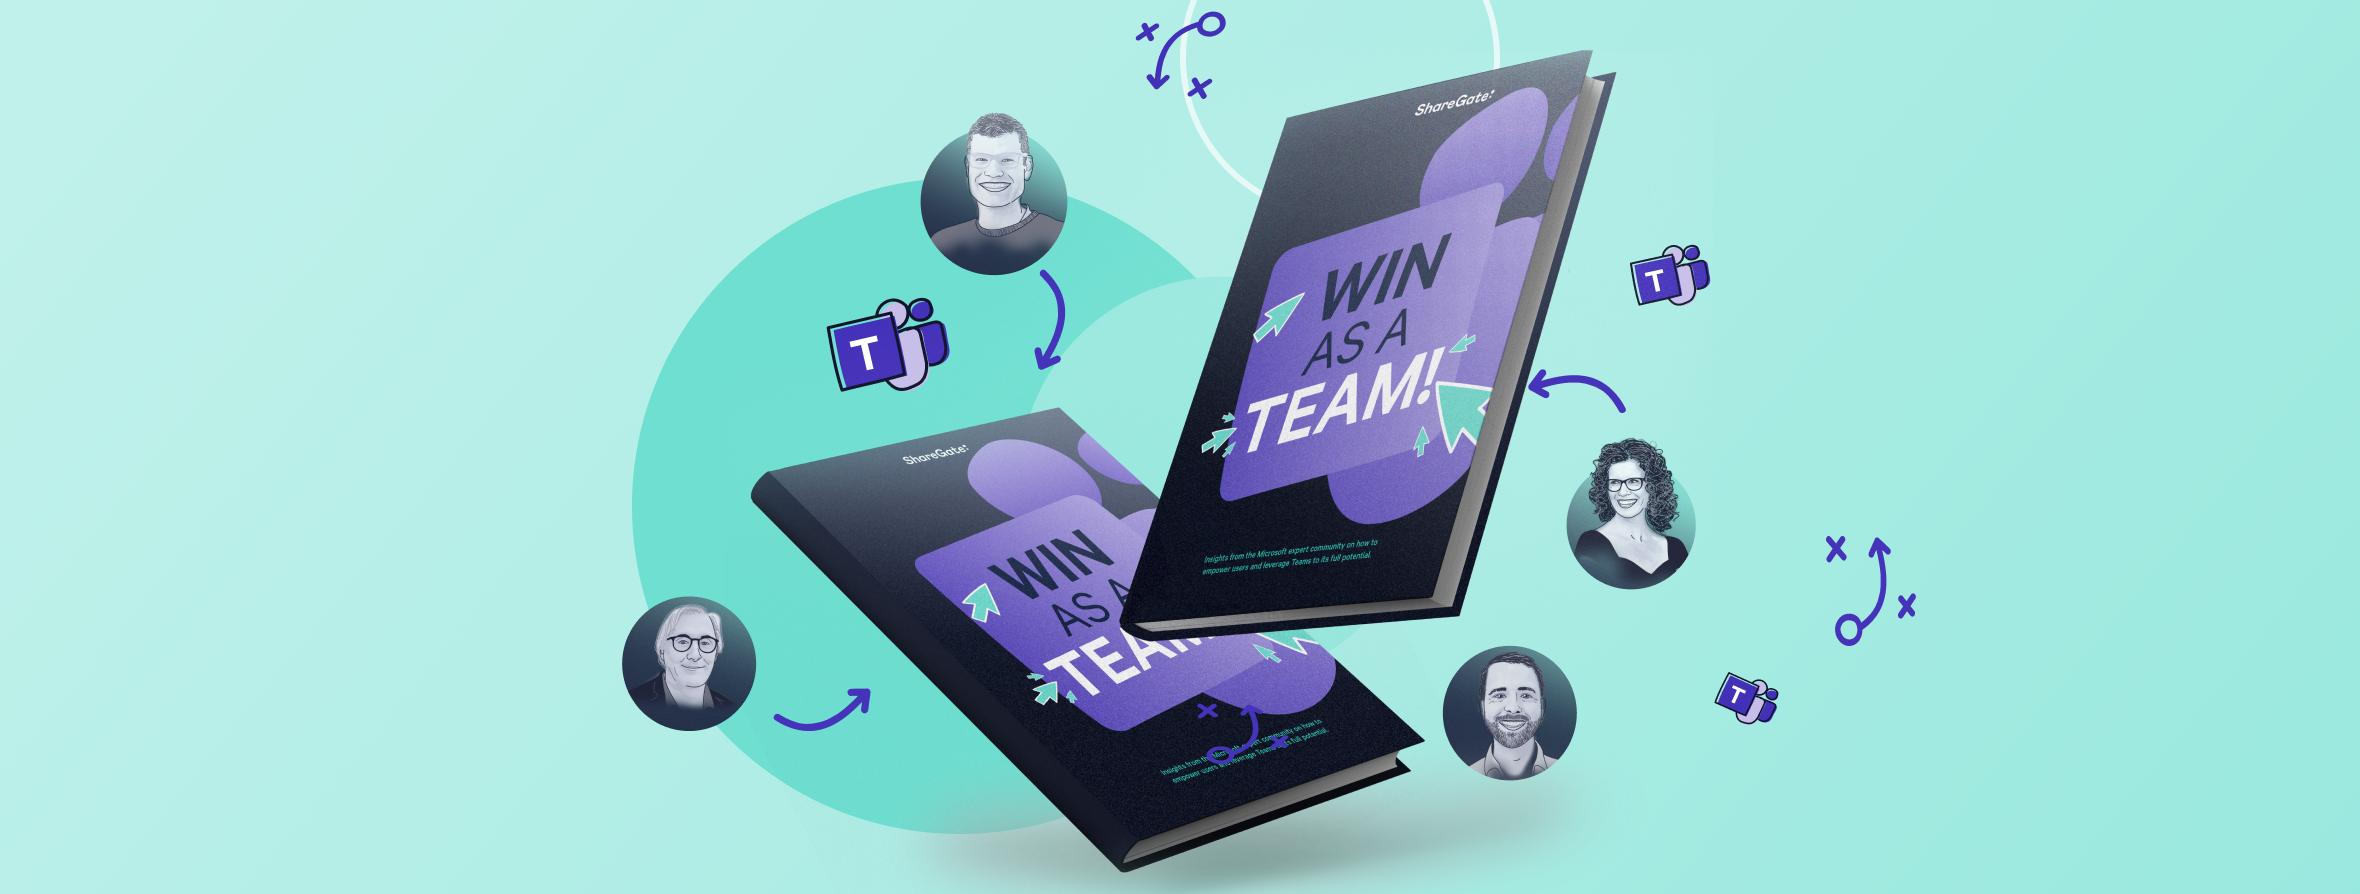 Win as a Team